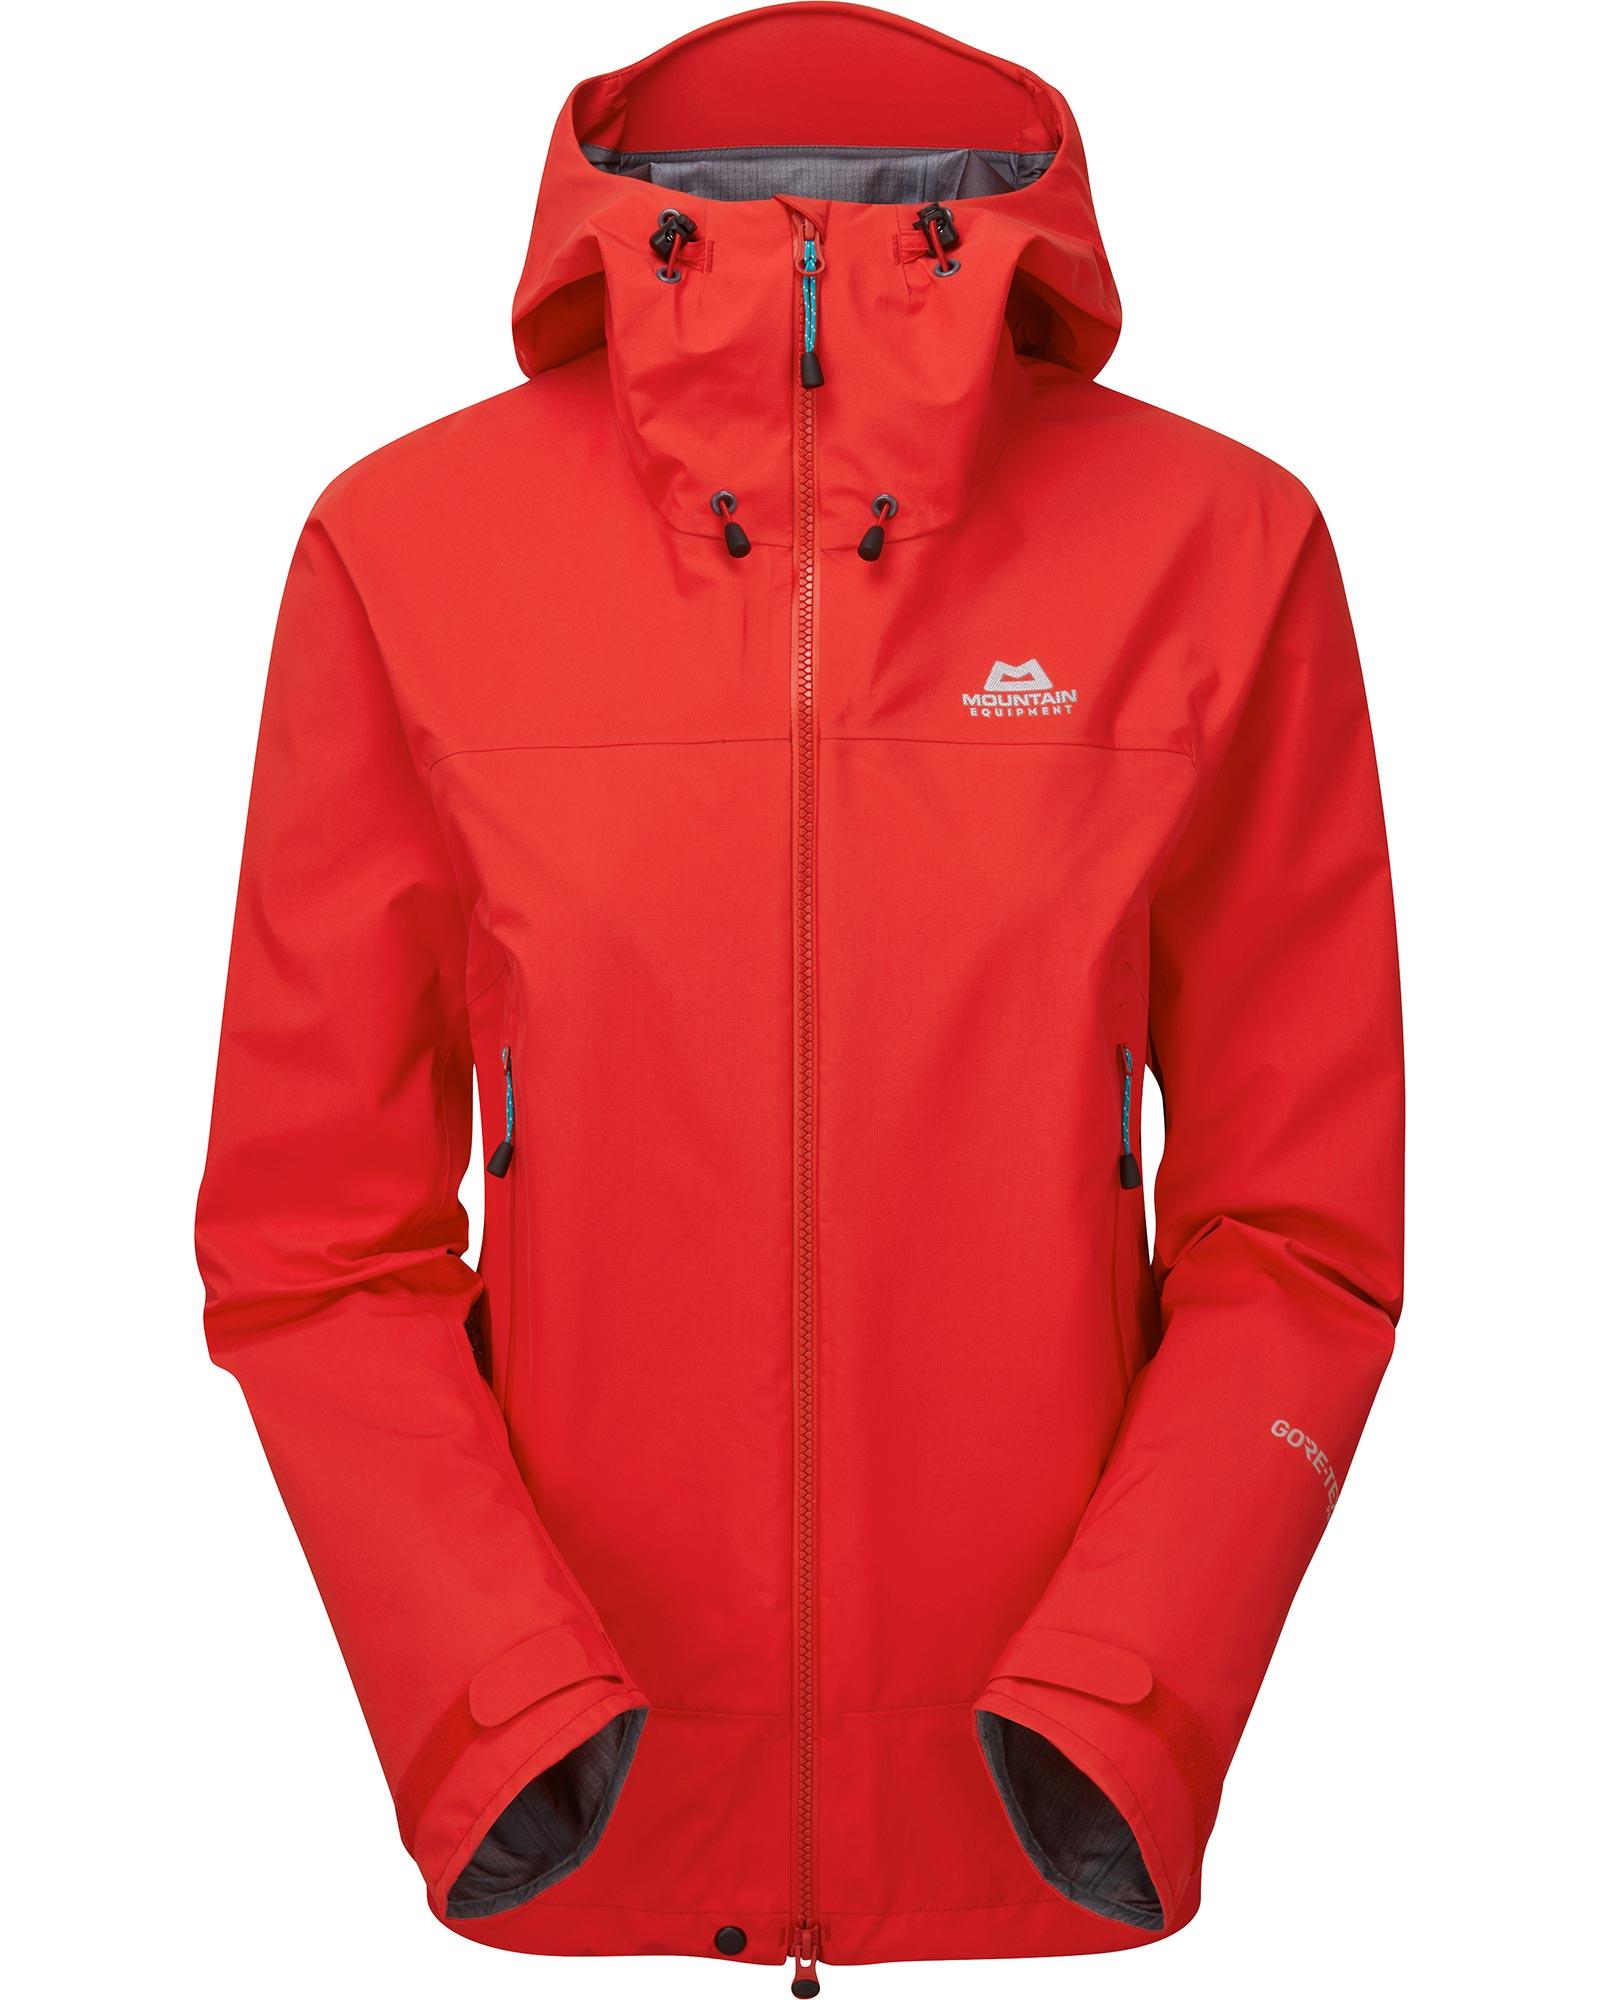 Mountain Equipment Shivling GORE-TEX Pro Women's Jacket 0